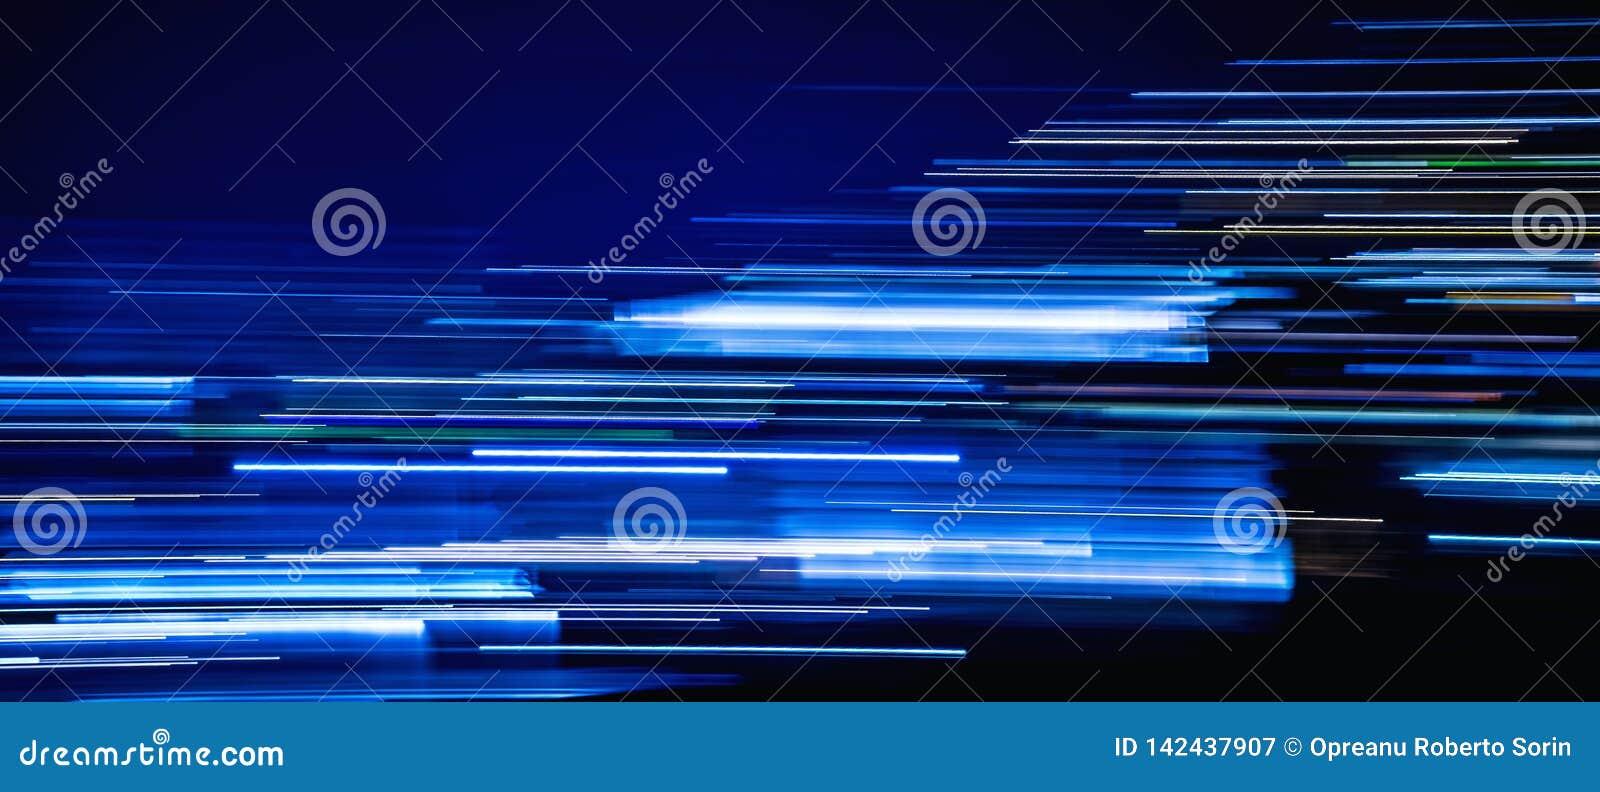 Голубая светлая крышка временной последовательности по следов